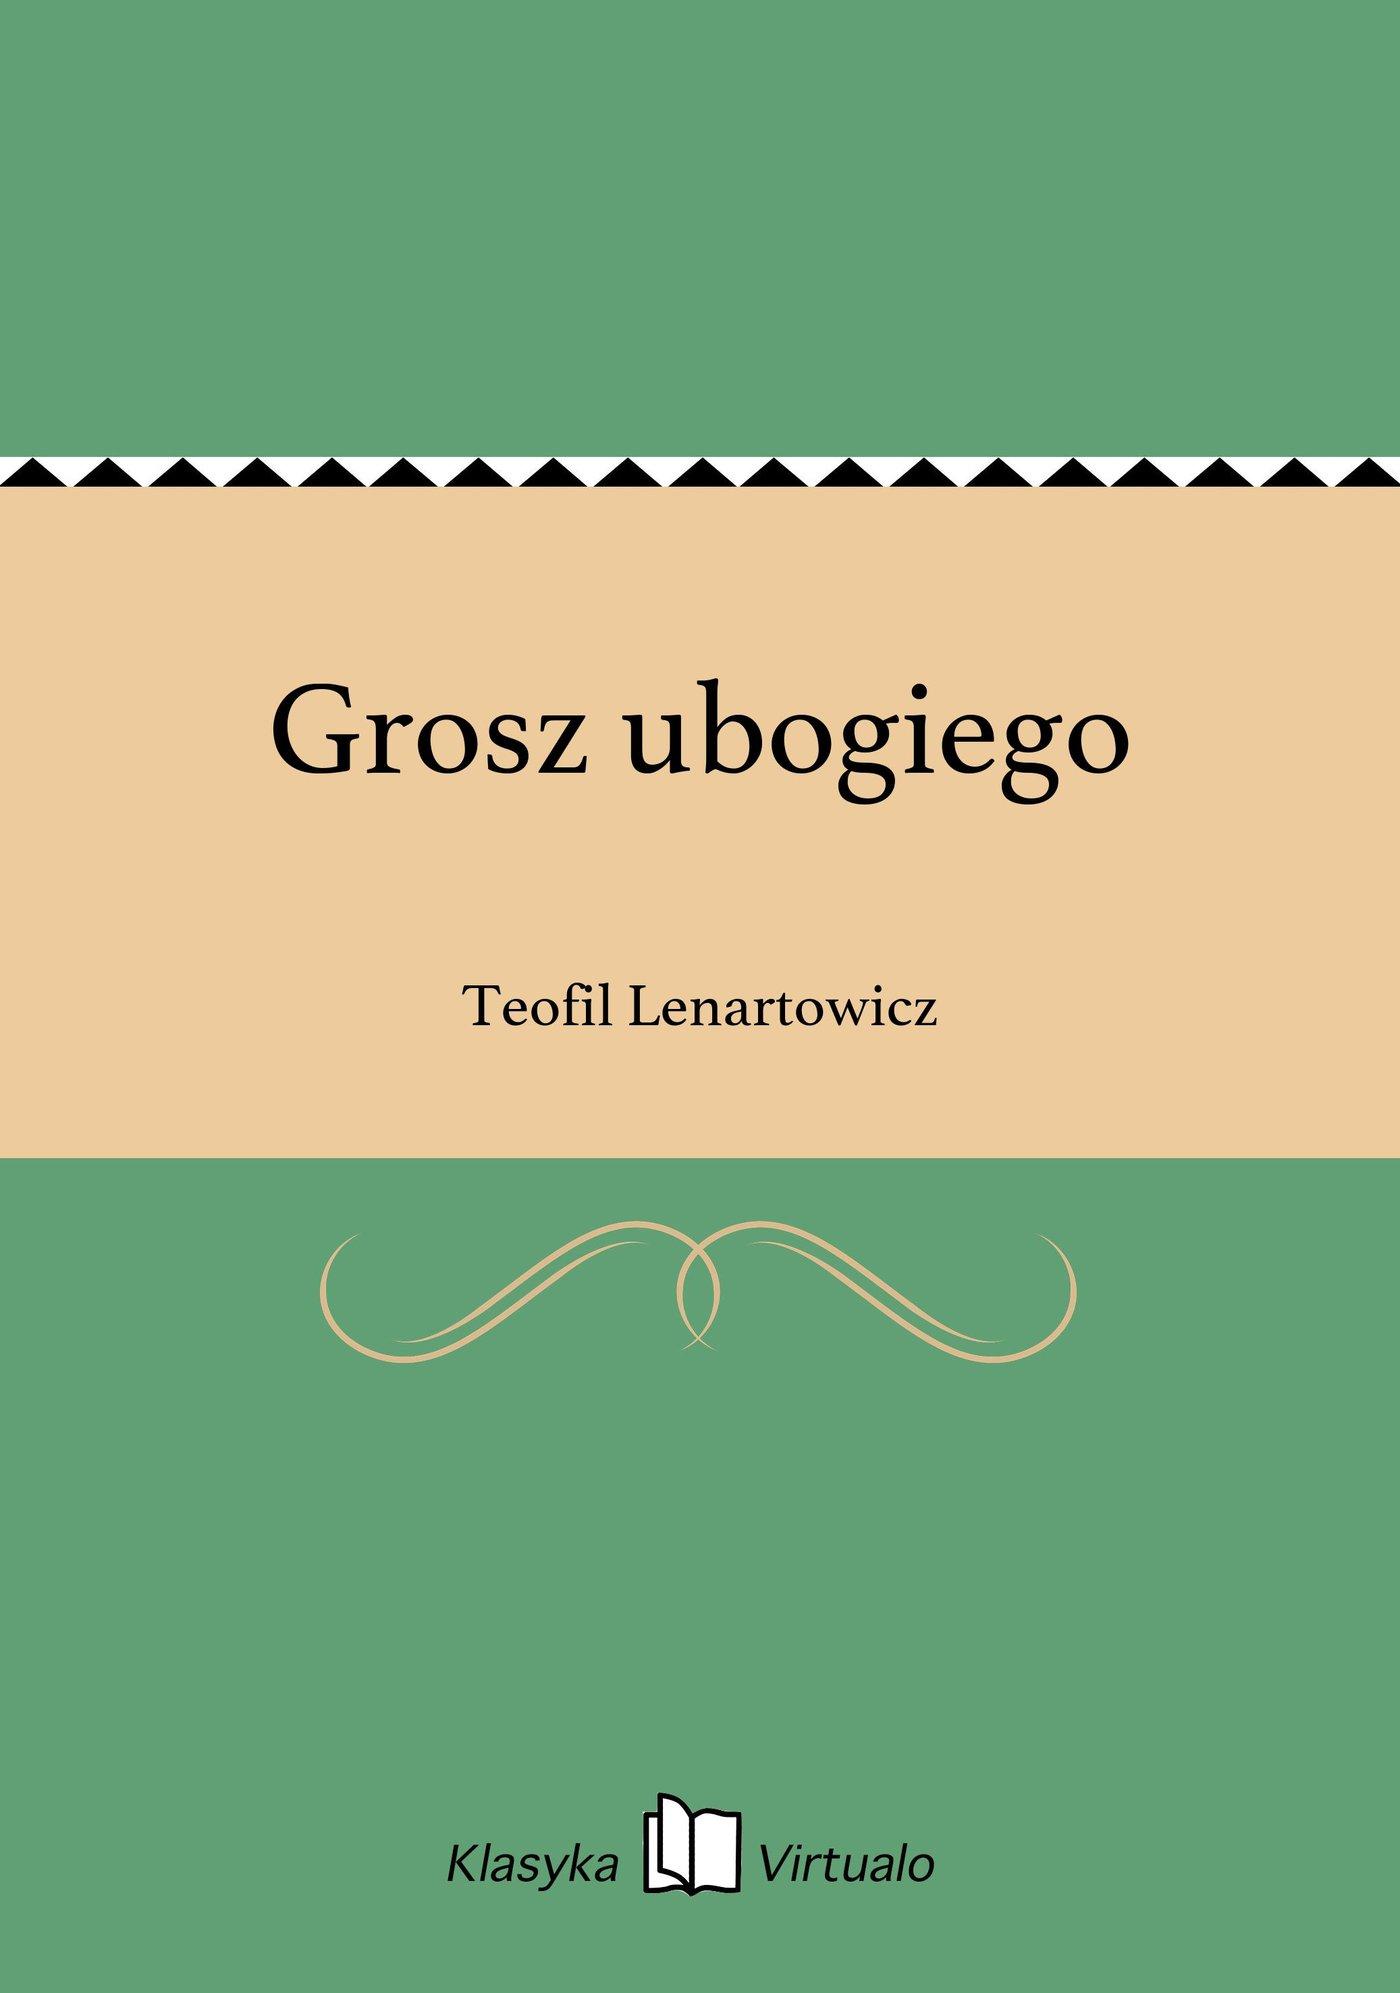 Grosz ubogiego - Ebook (Książka EPUB) do pobrania w formacie EPUB